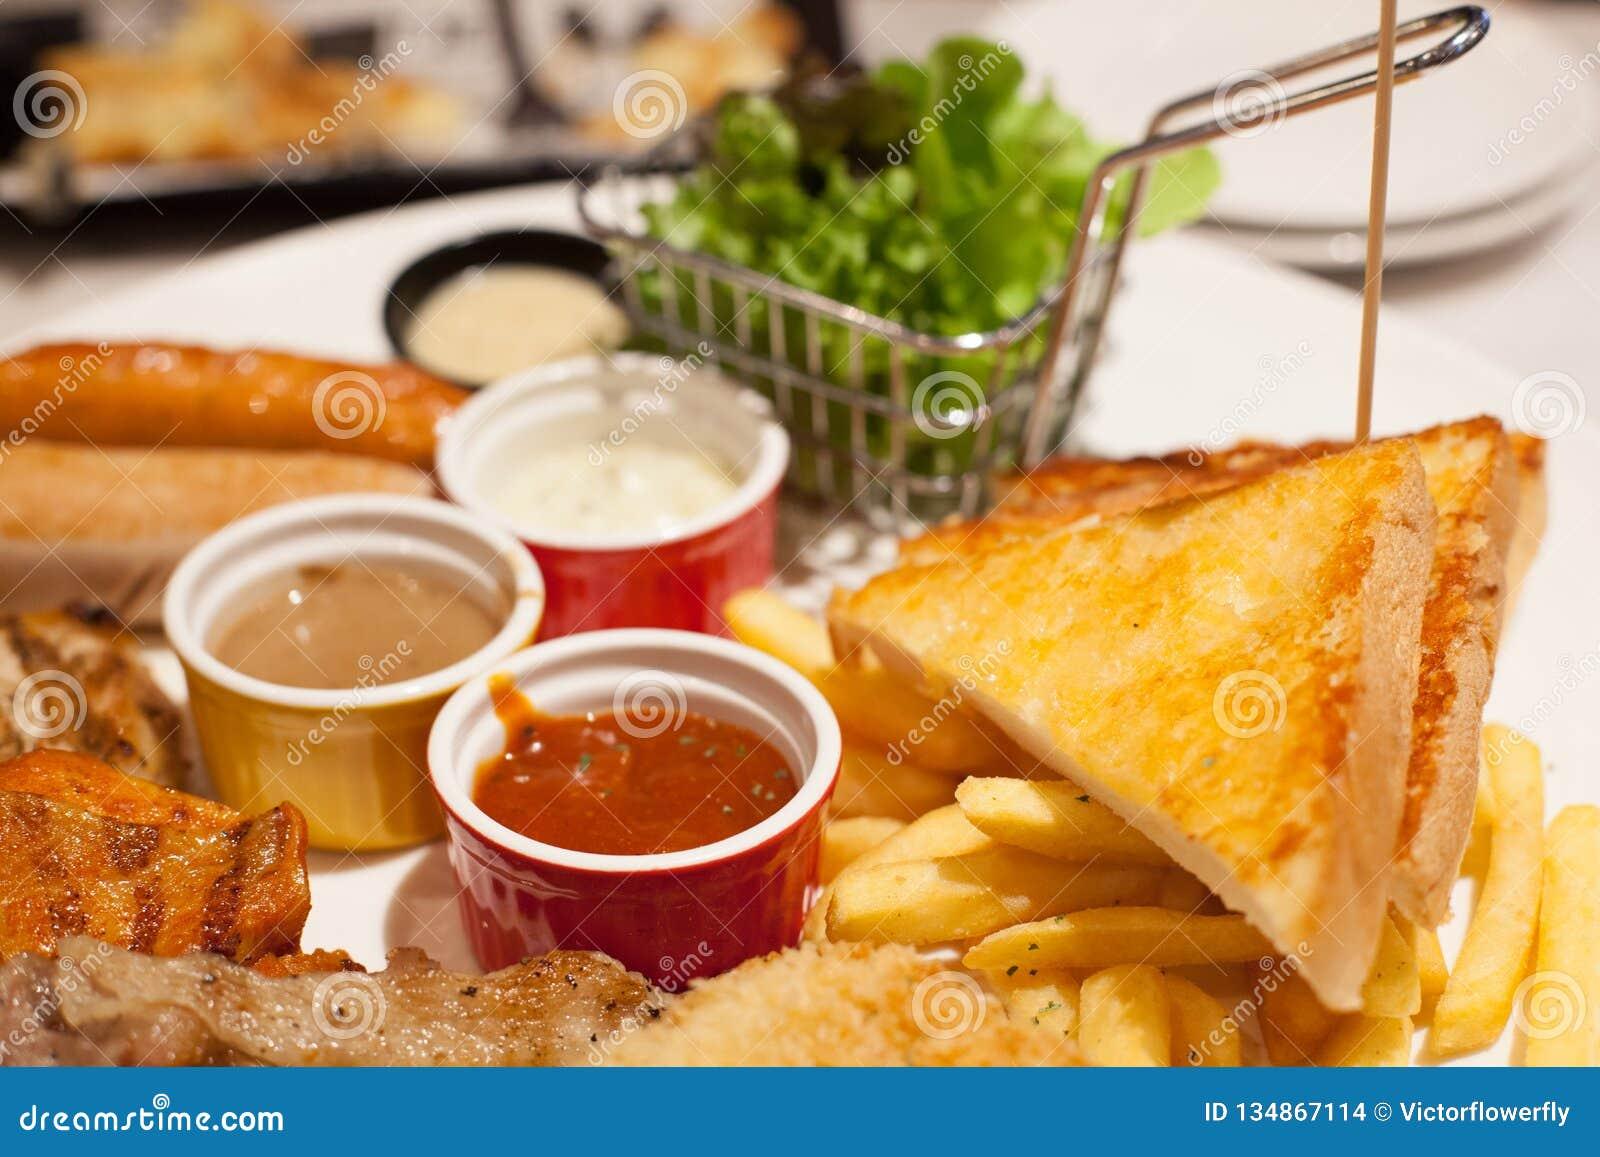 Εκλεκτικά τρόφιμα, τηγανιτές πατάτες και ψημένες βουτύρου να πλαισιώσει ψωμιού μπριζόλες και κατάταξη λουκάνικων με τις ποικιλίες